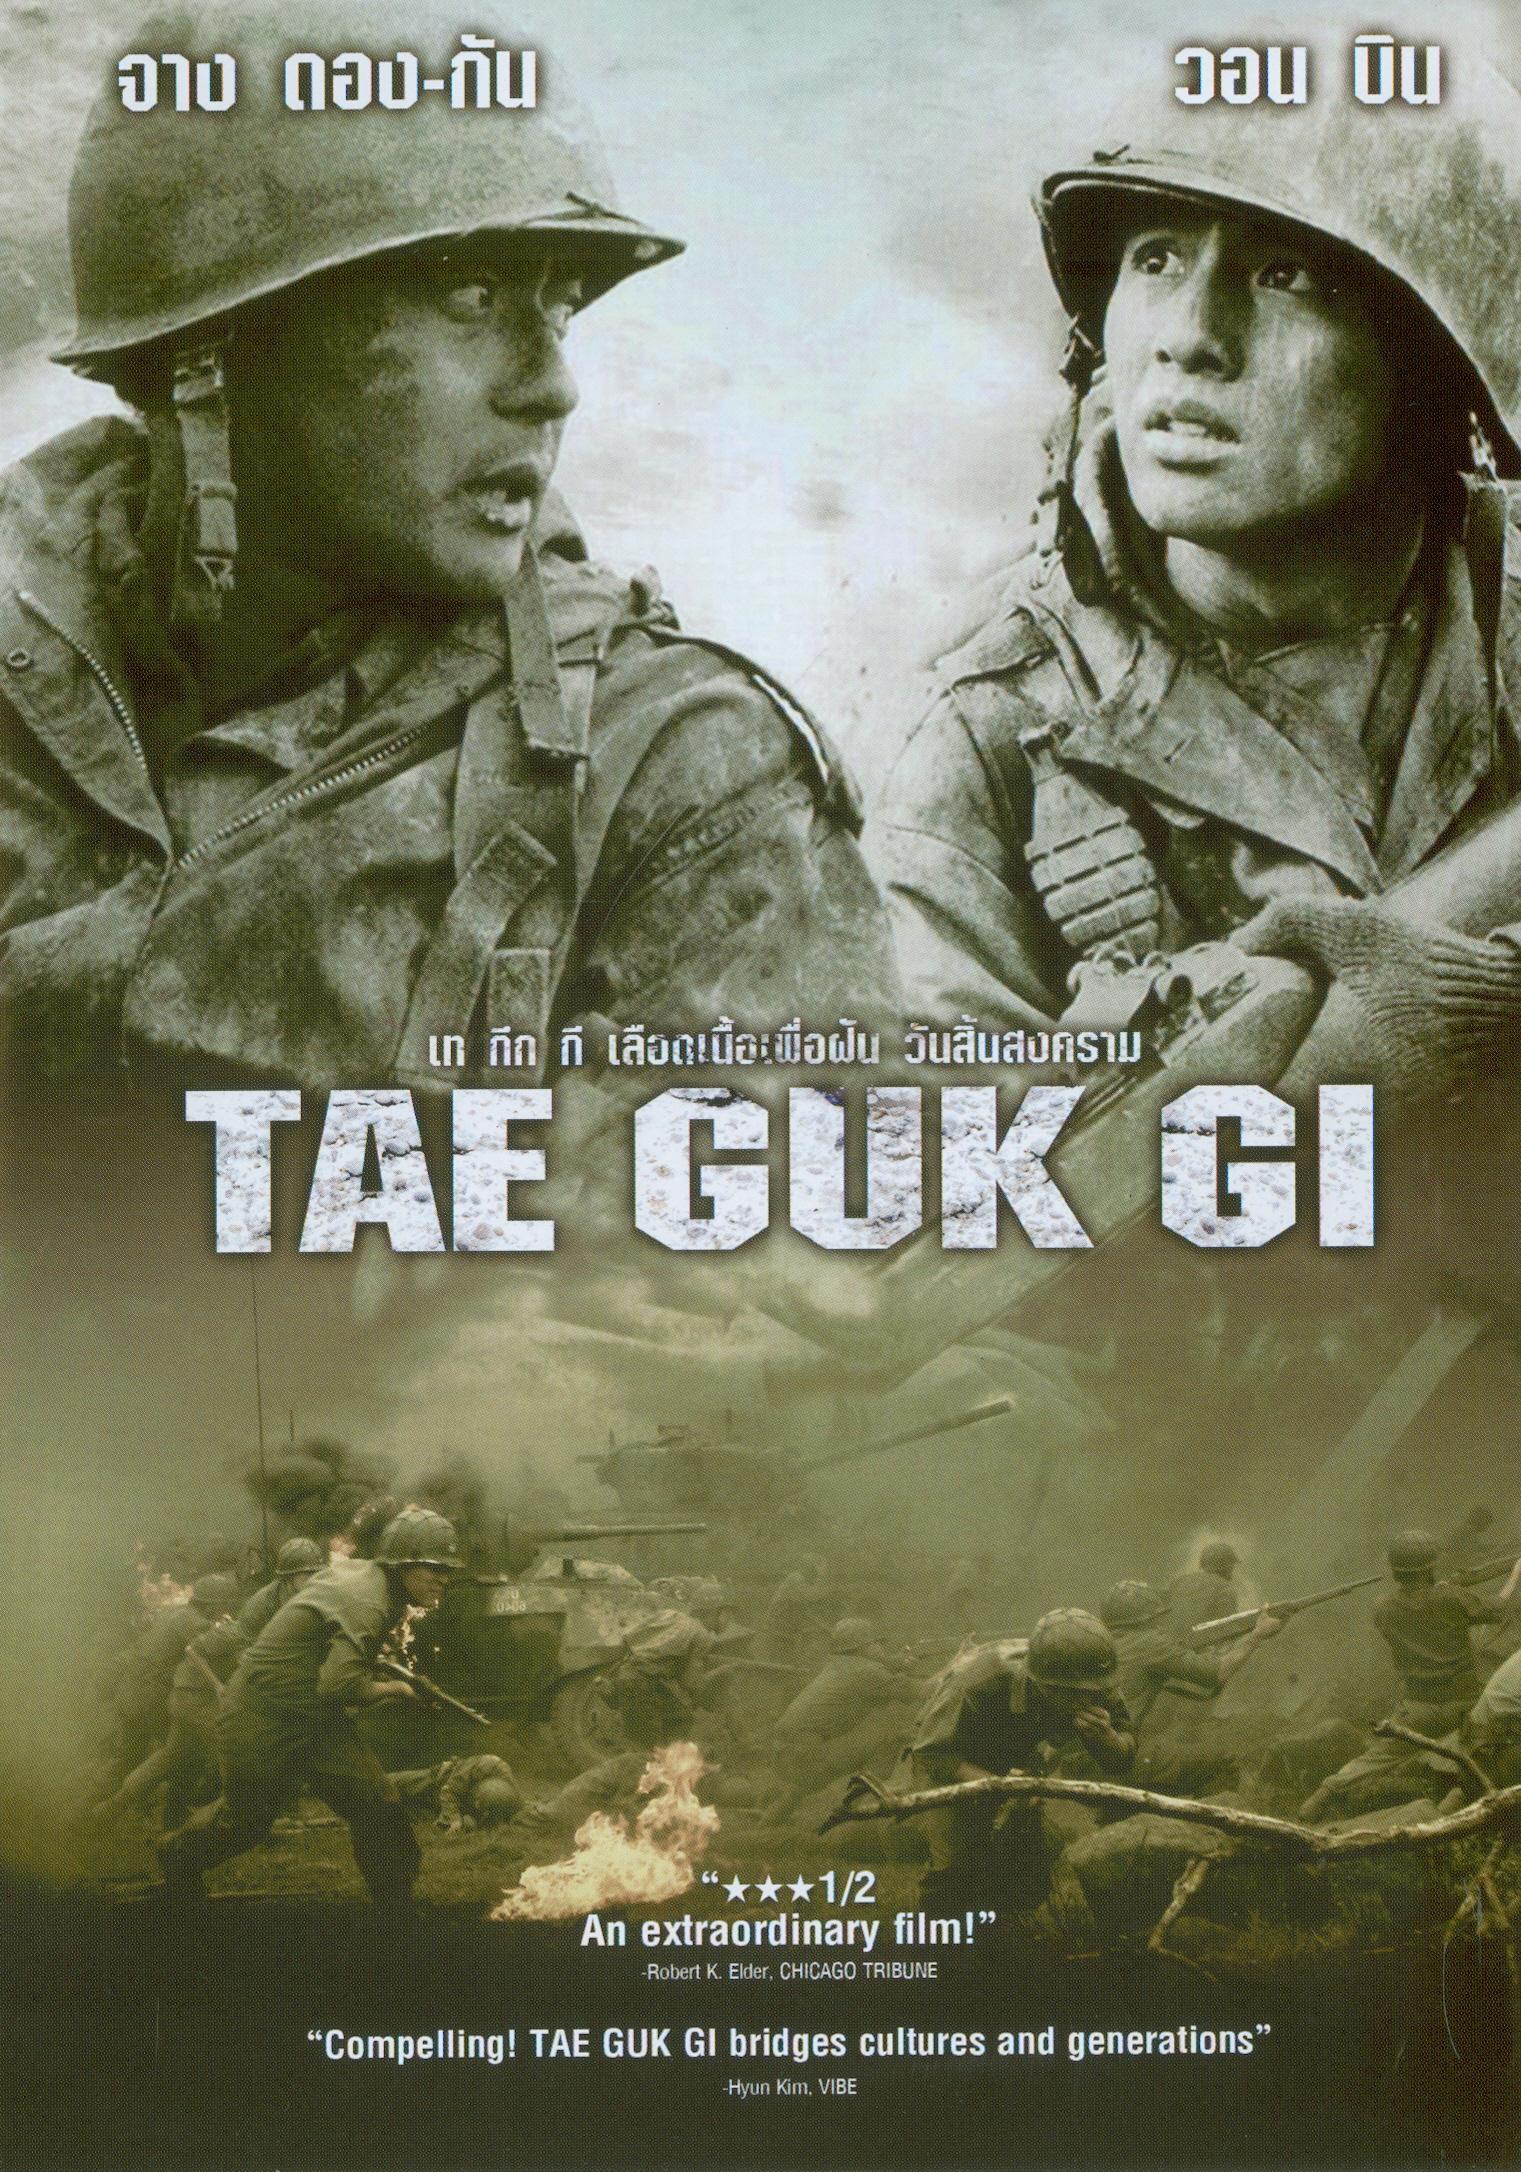 Tae guk gi[videorecording] /Chejak, Kang Che-gyu P.||เท กึก กี เลือดเนื้อเพื่อฝัน วันสิ้นสงคราม